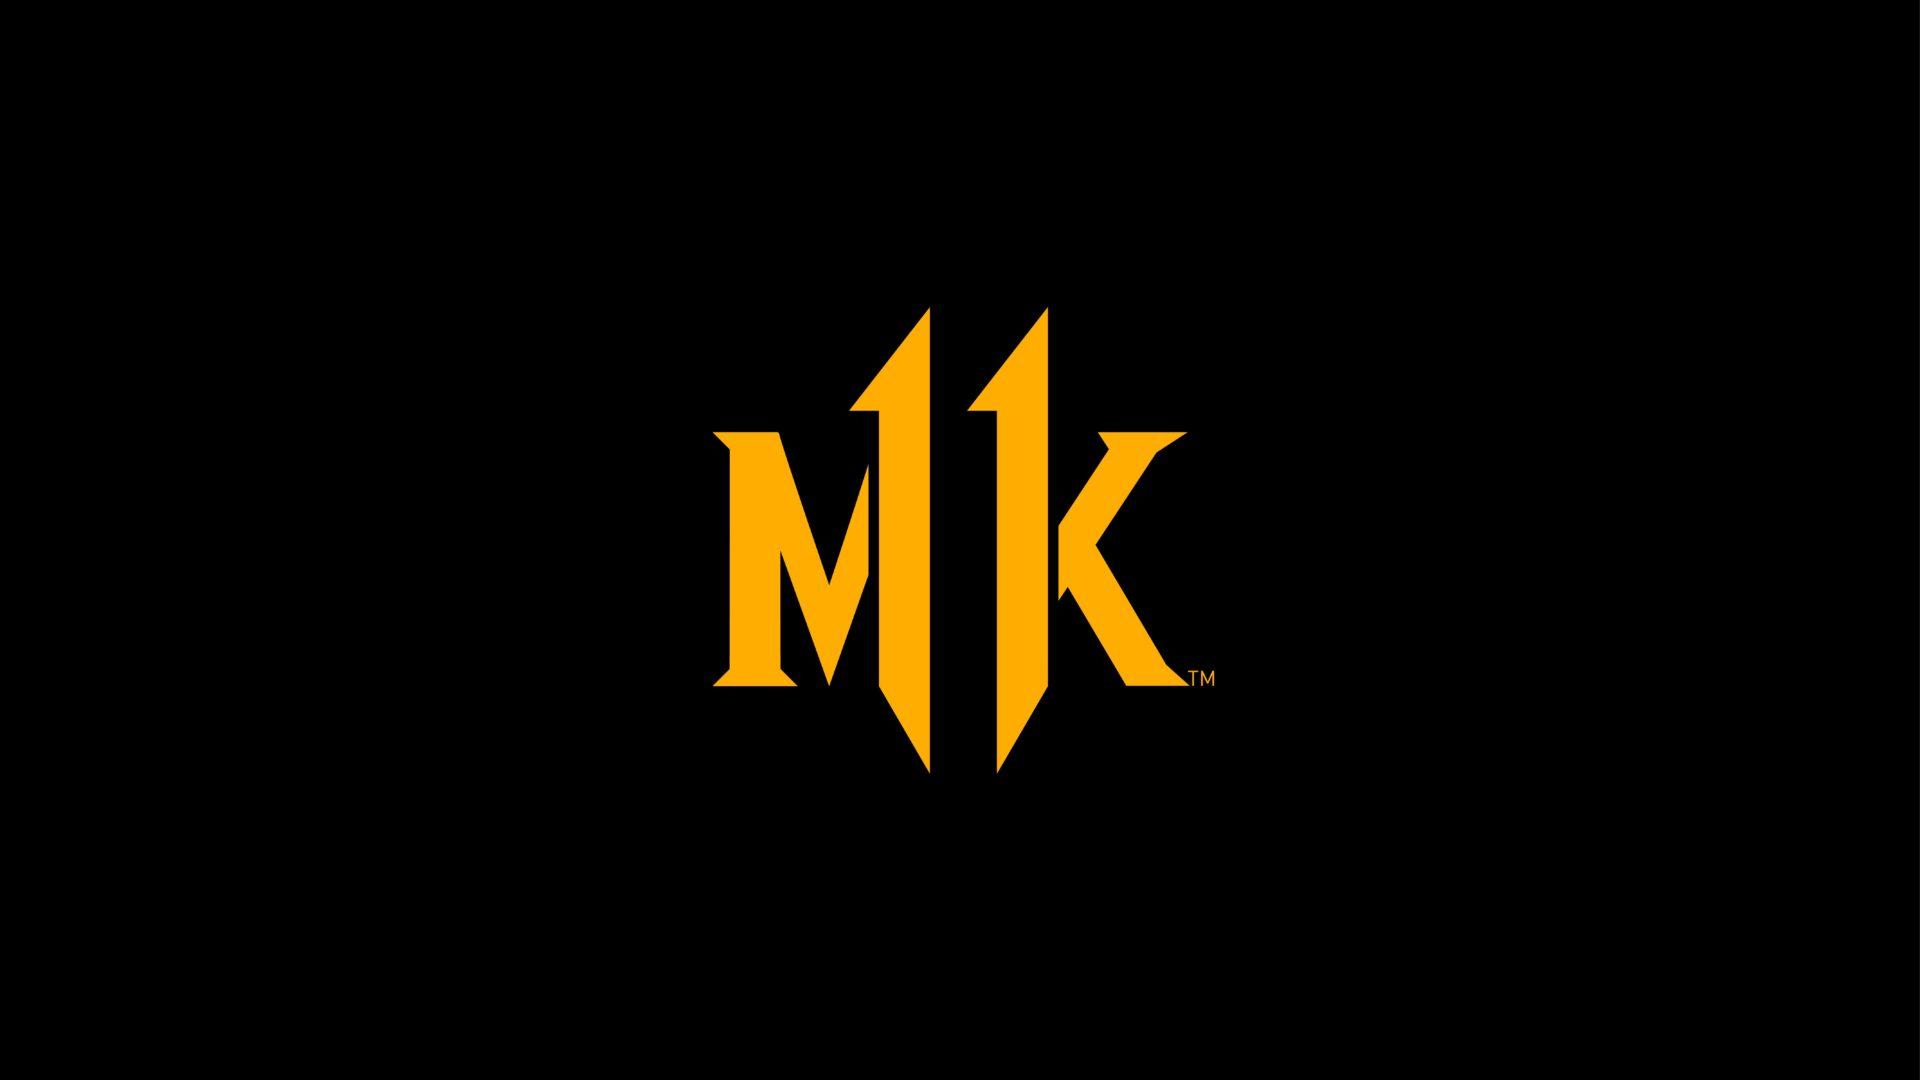 MK11 : La Progéniture De Sonya Blade Et Johnny Cage Est De